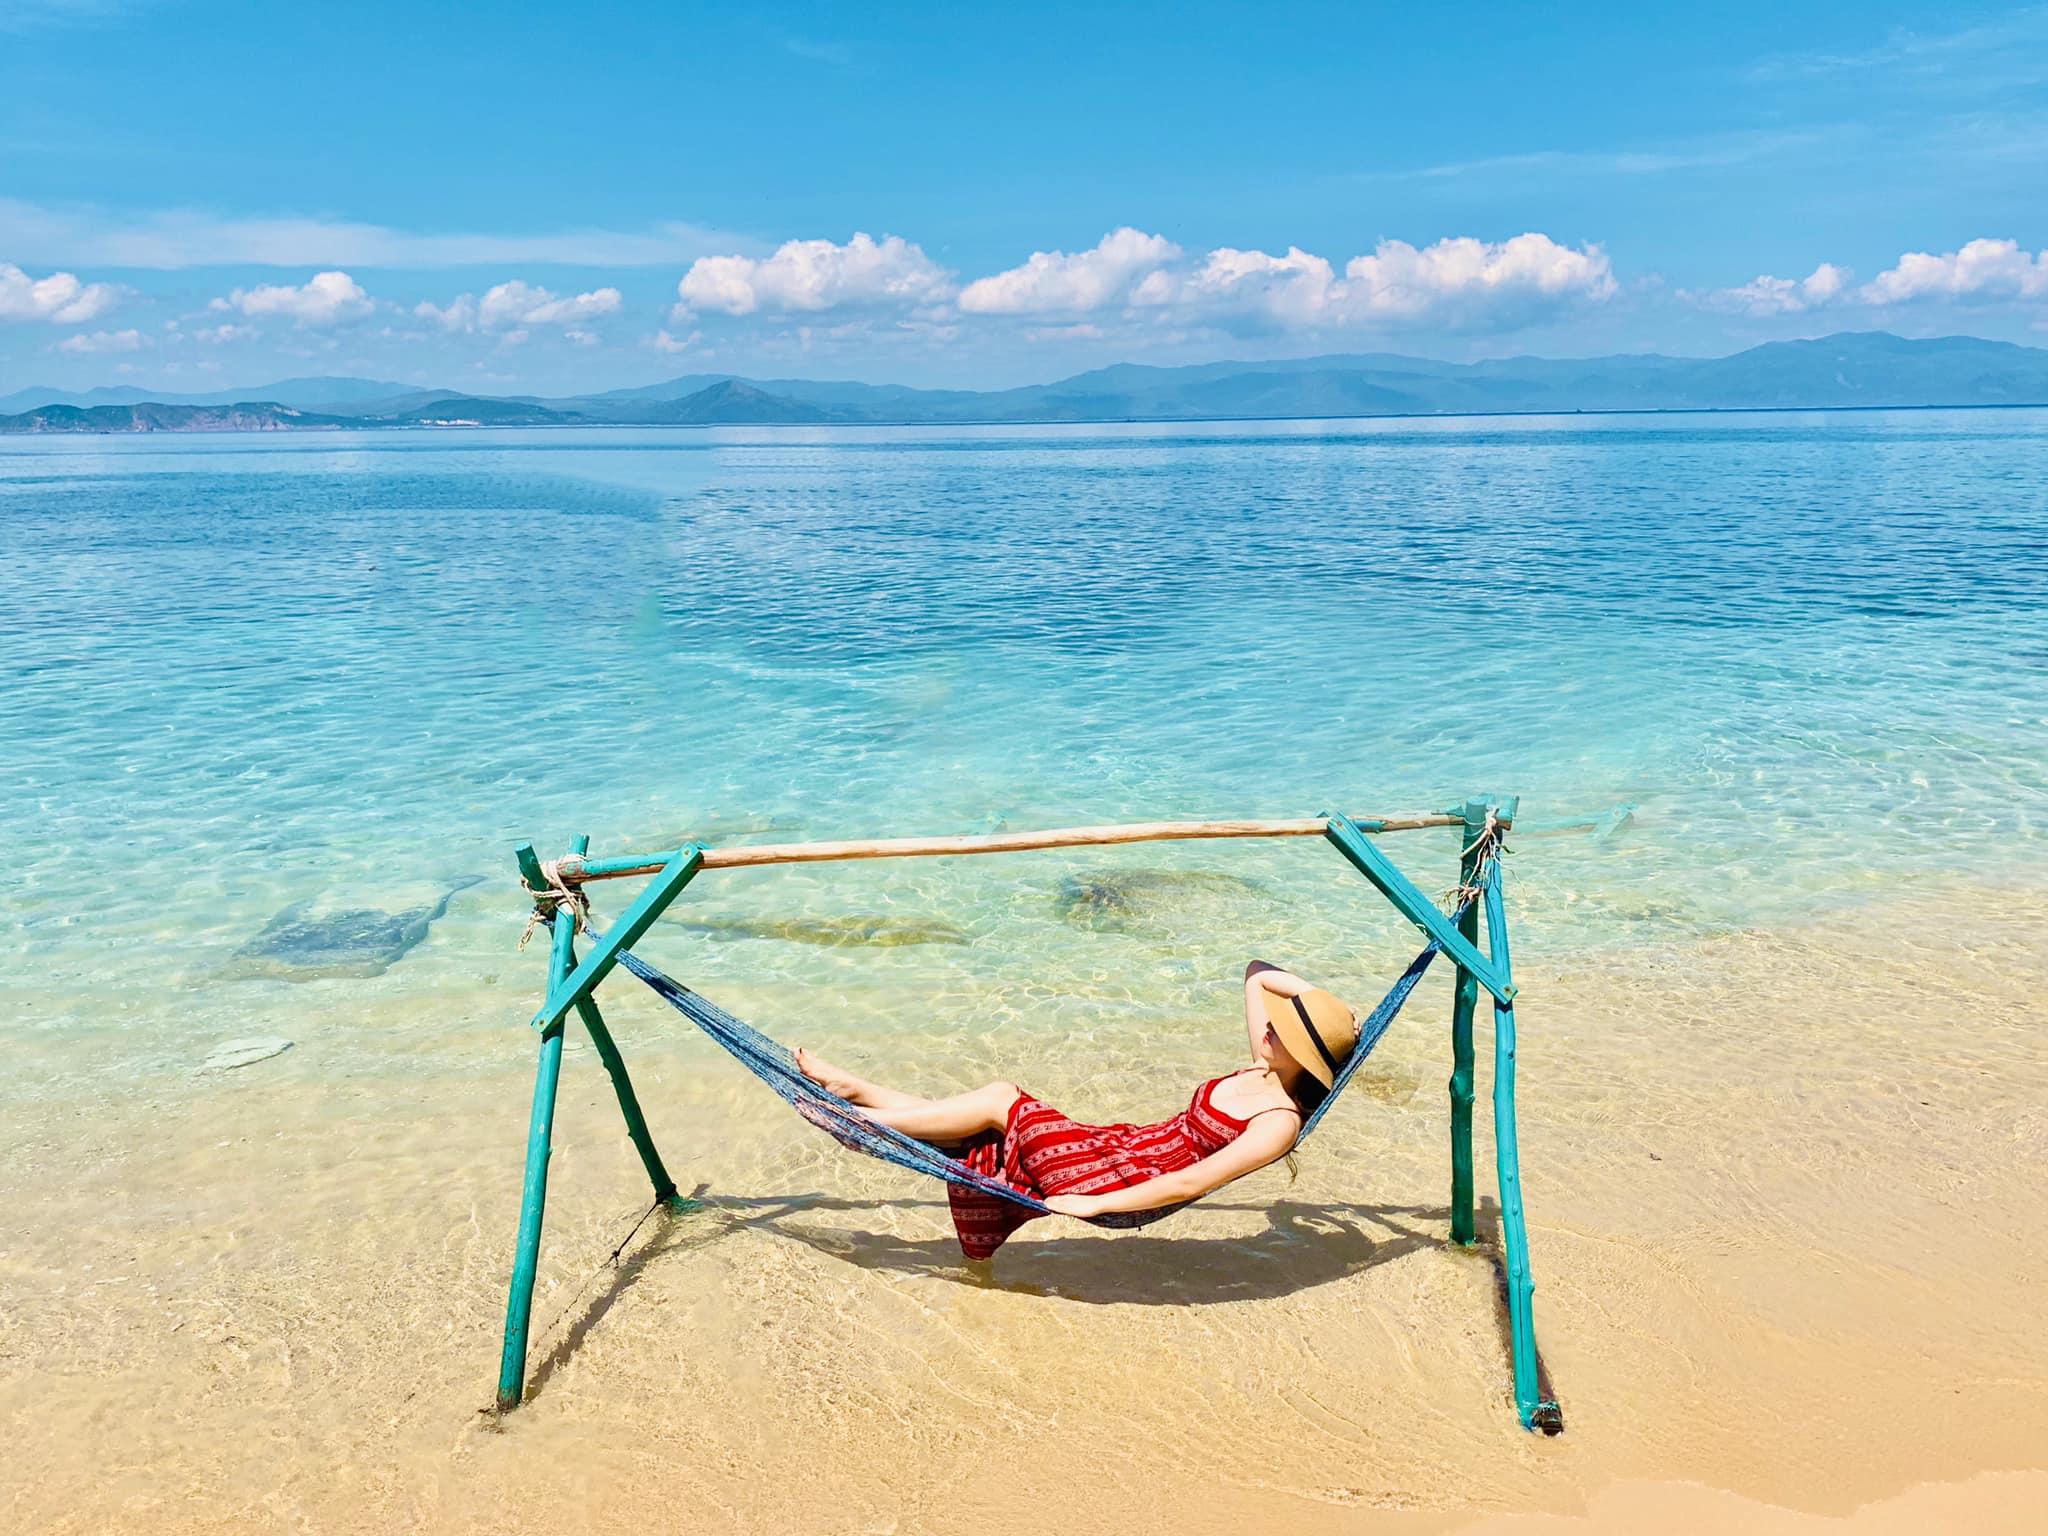 Du lịch Cù Lao Xanh Quy Nhơn - Khám phá 'đường đi nước bước' chi tiết trong mùa hè này - Ảnh 2.